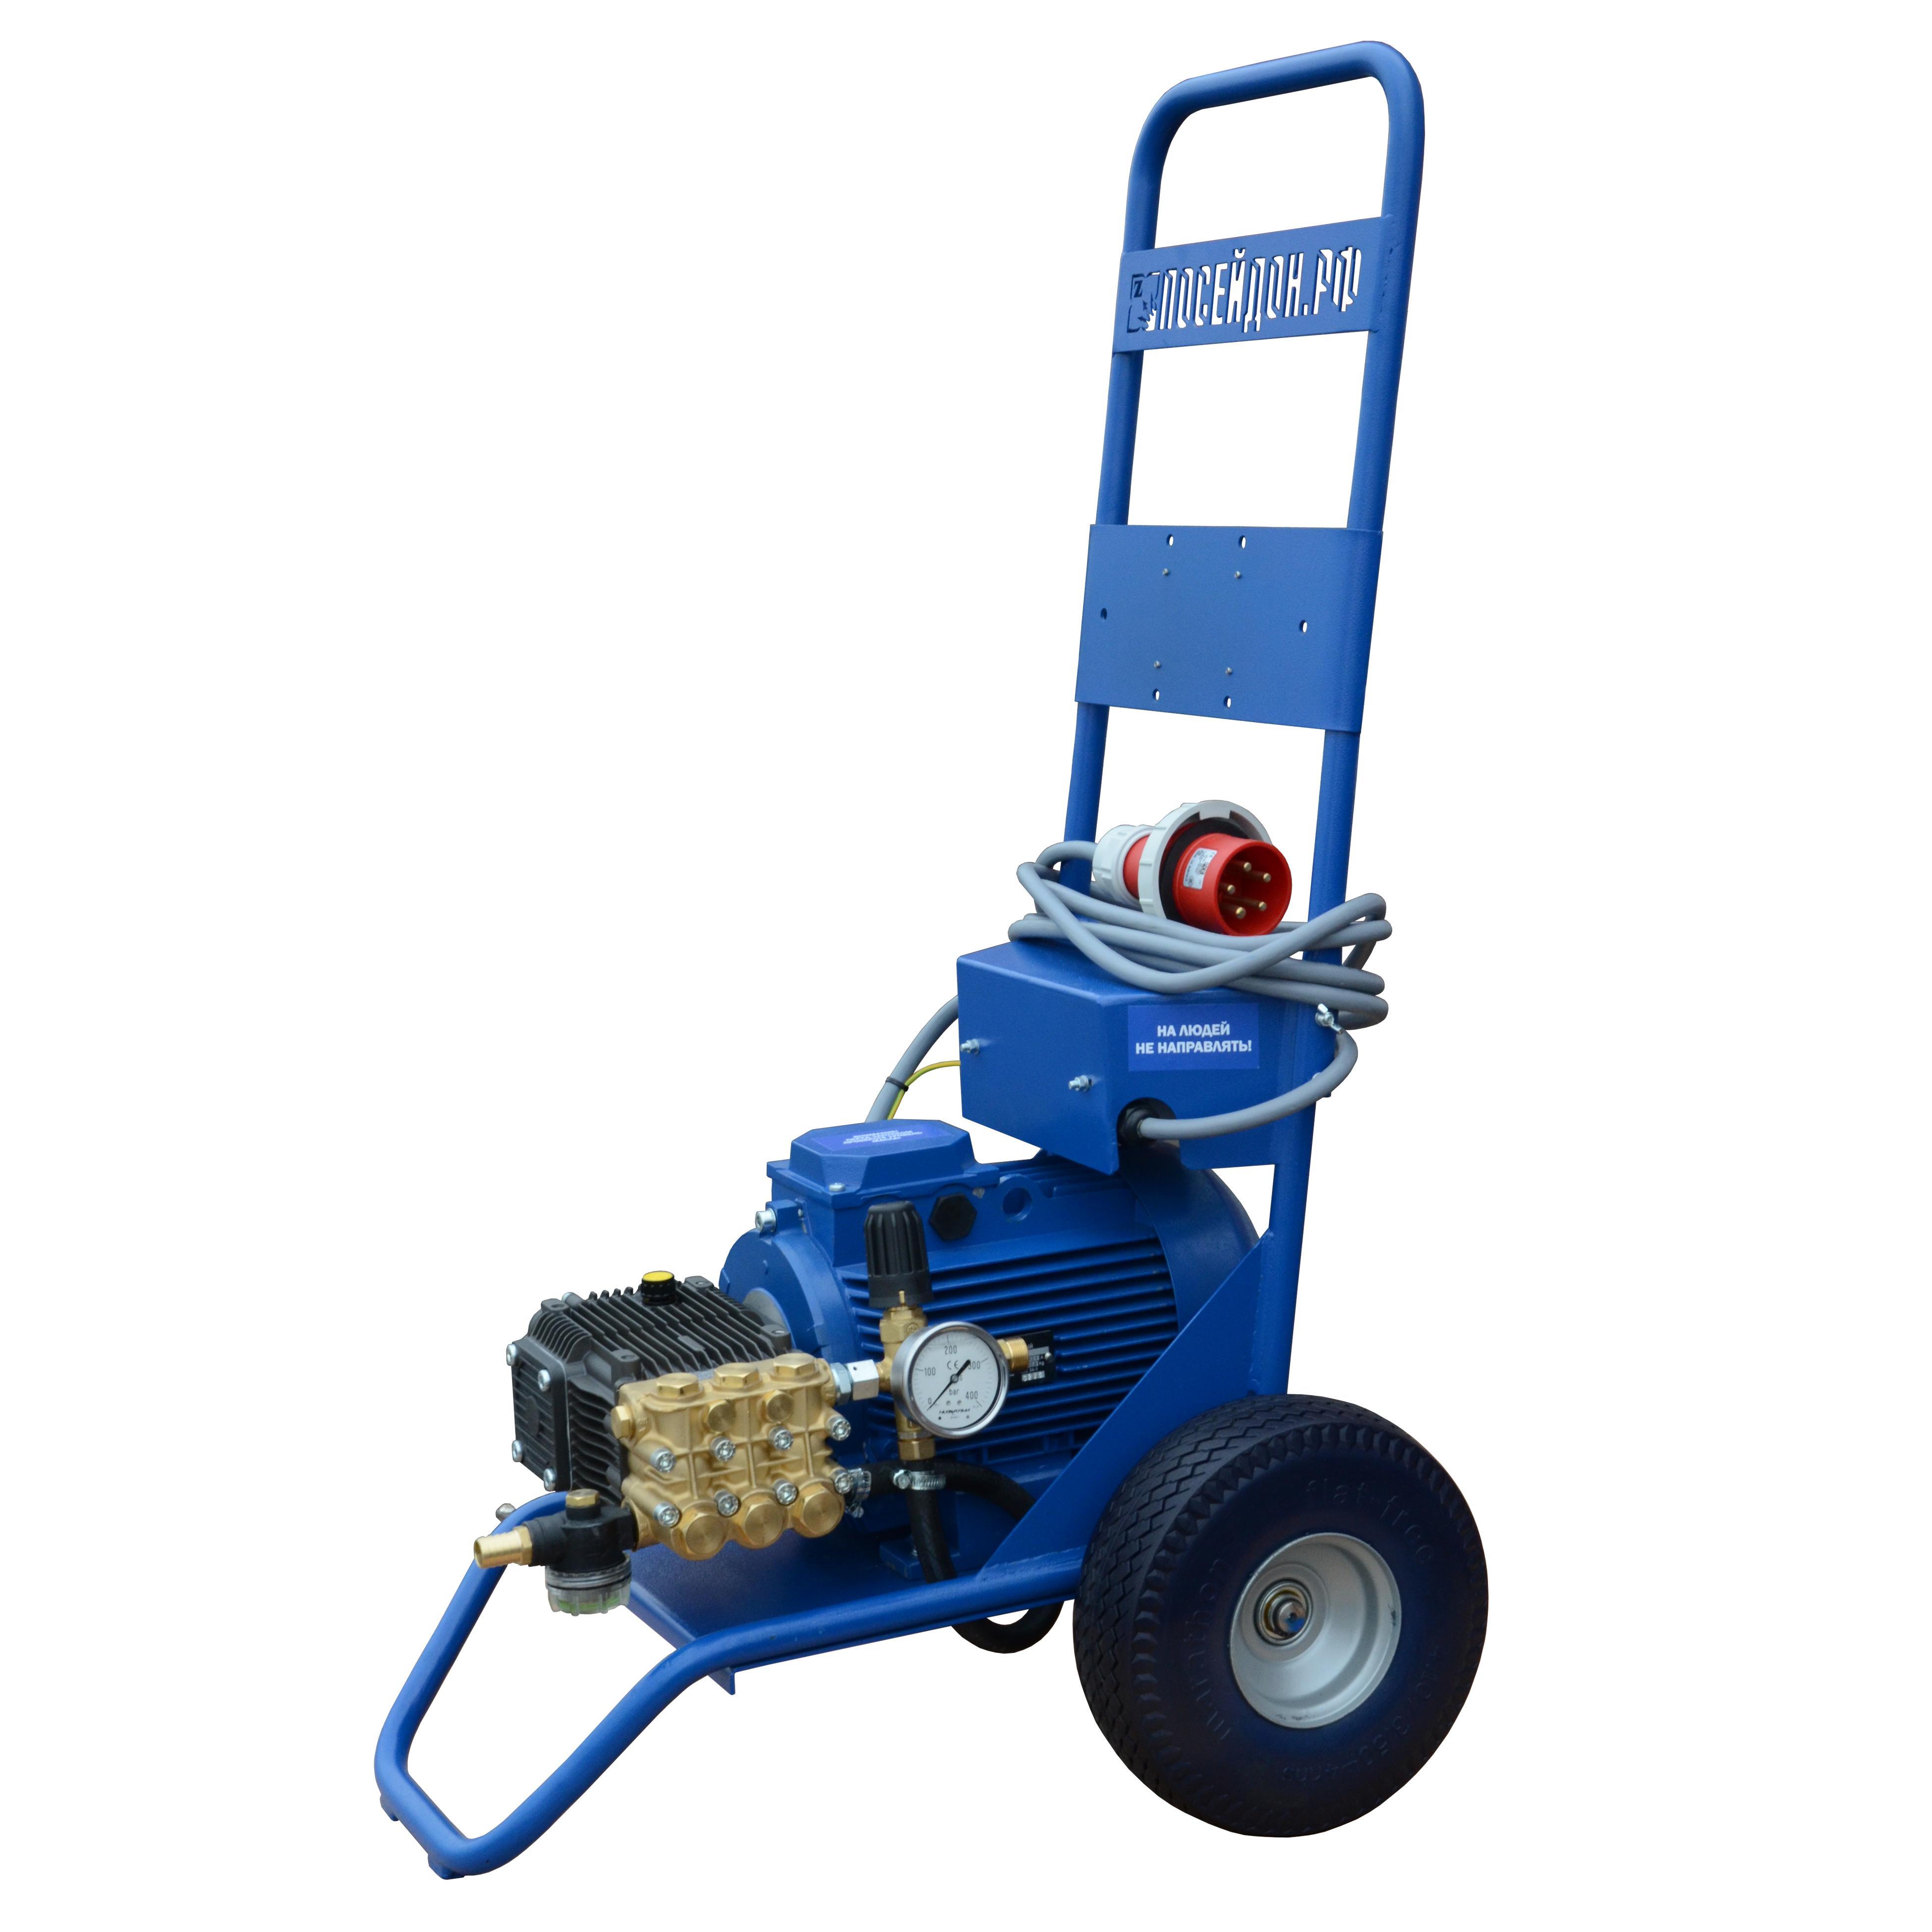 Аппарат высокого давления ПОСЕЙДОН E5-150-21-gun аппарат высокого давления посейдон e5 150 21 reel